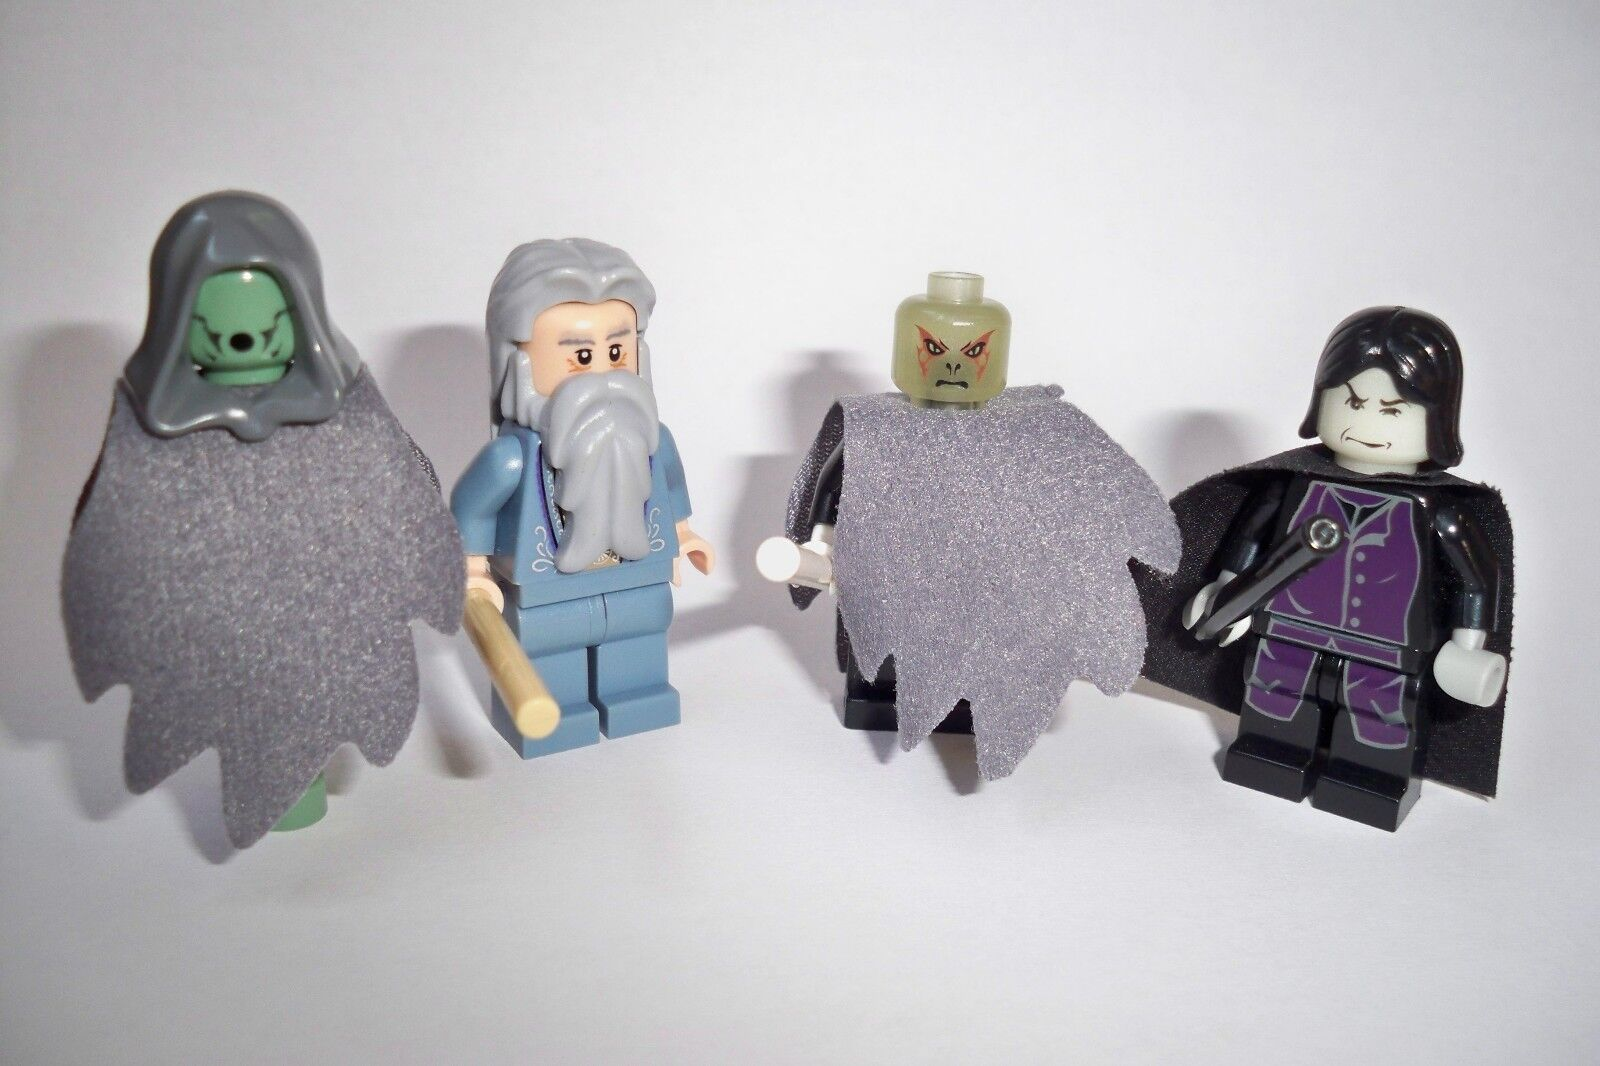 Lego Harry Potter, personnage, personnages, 4 unités, Dumbledore, CHASSÉ, Voldemort